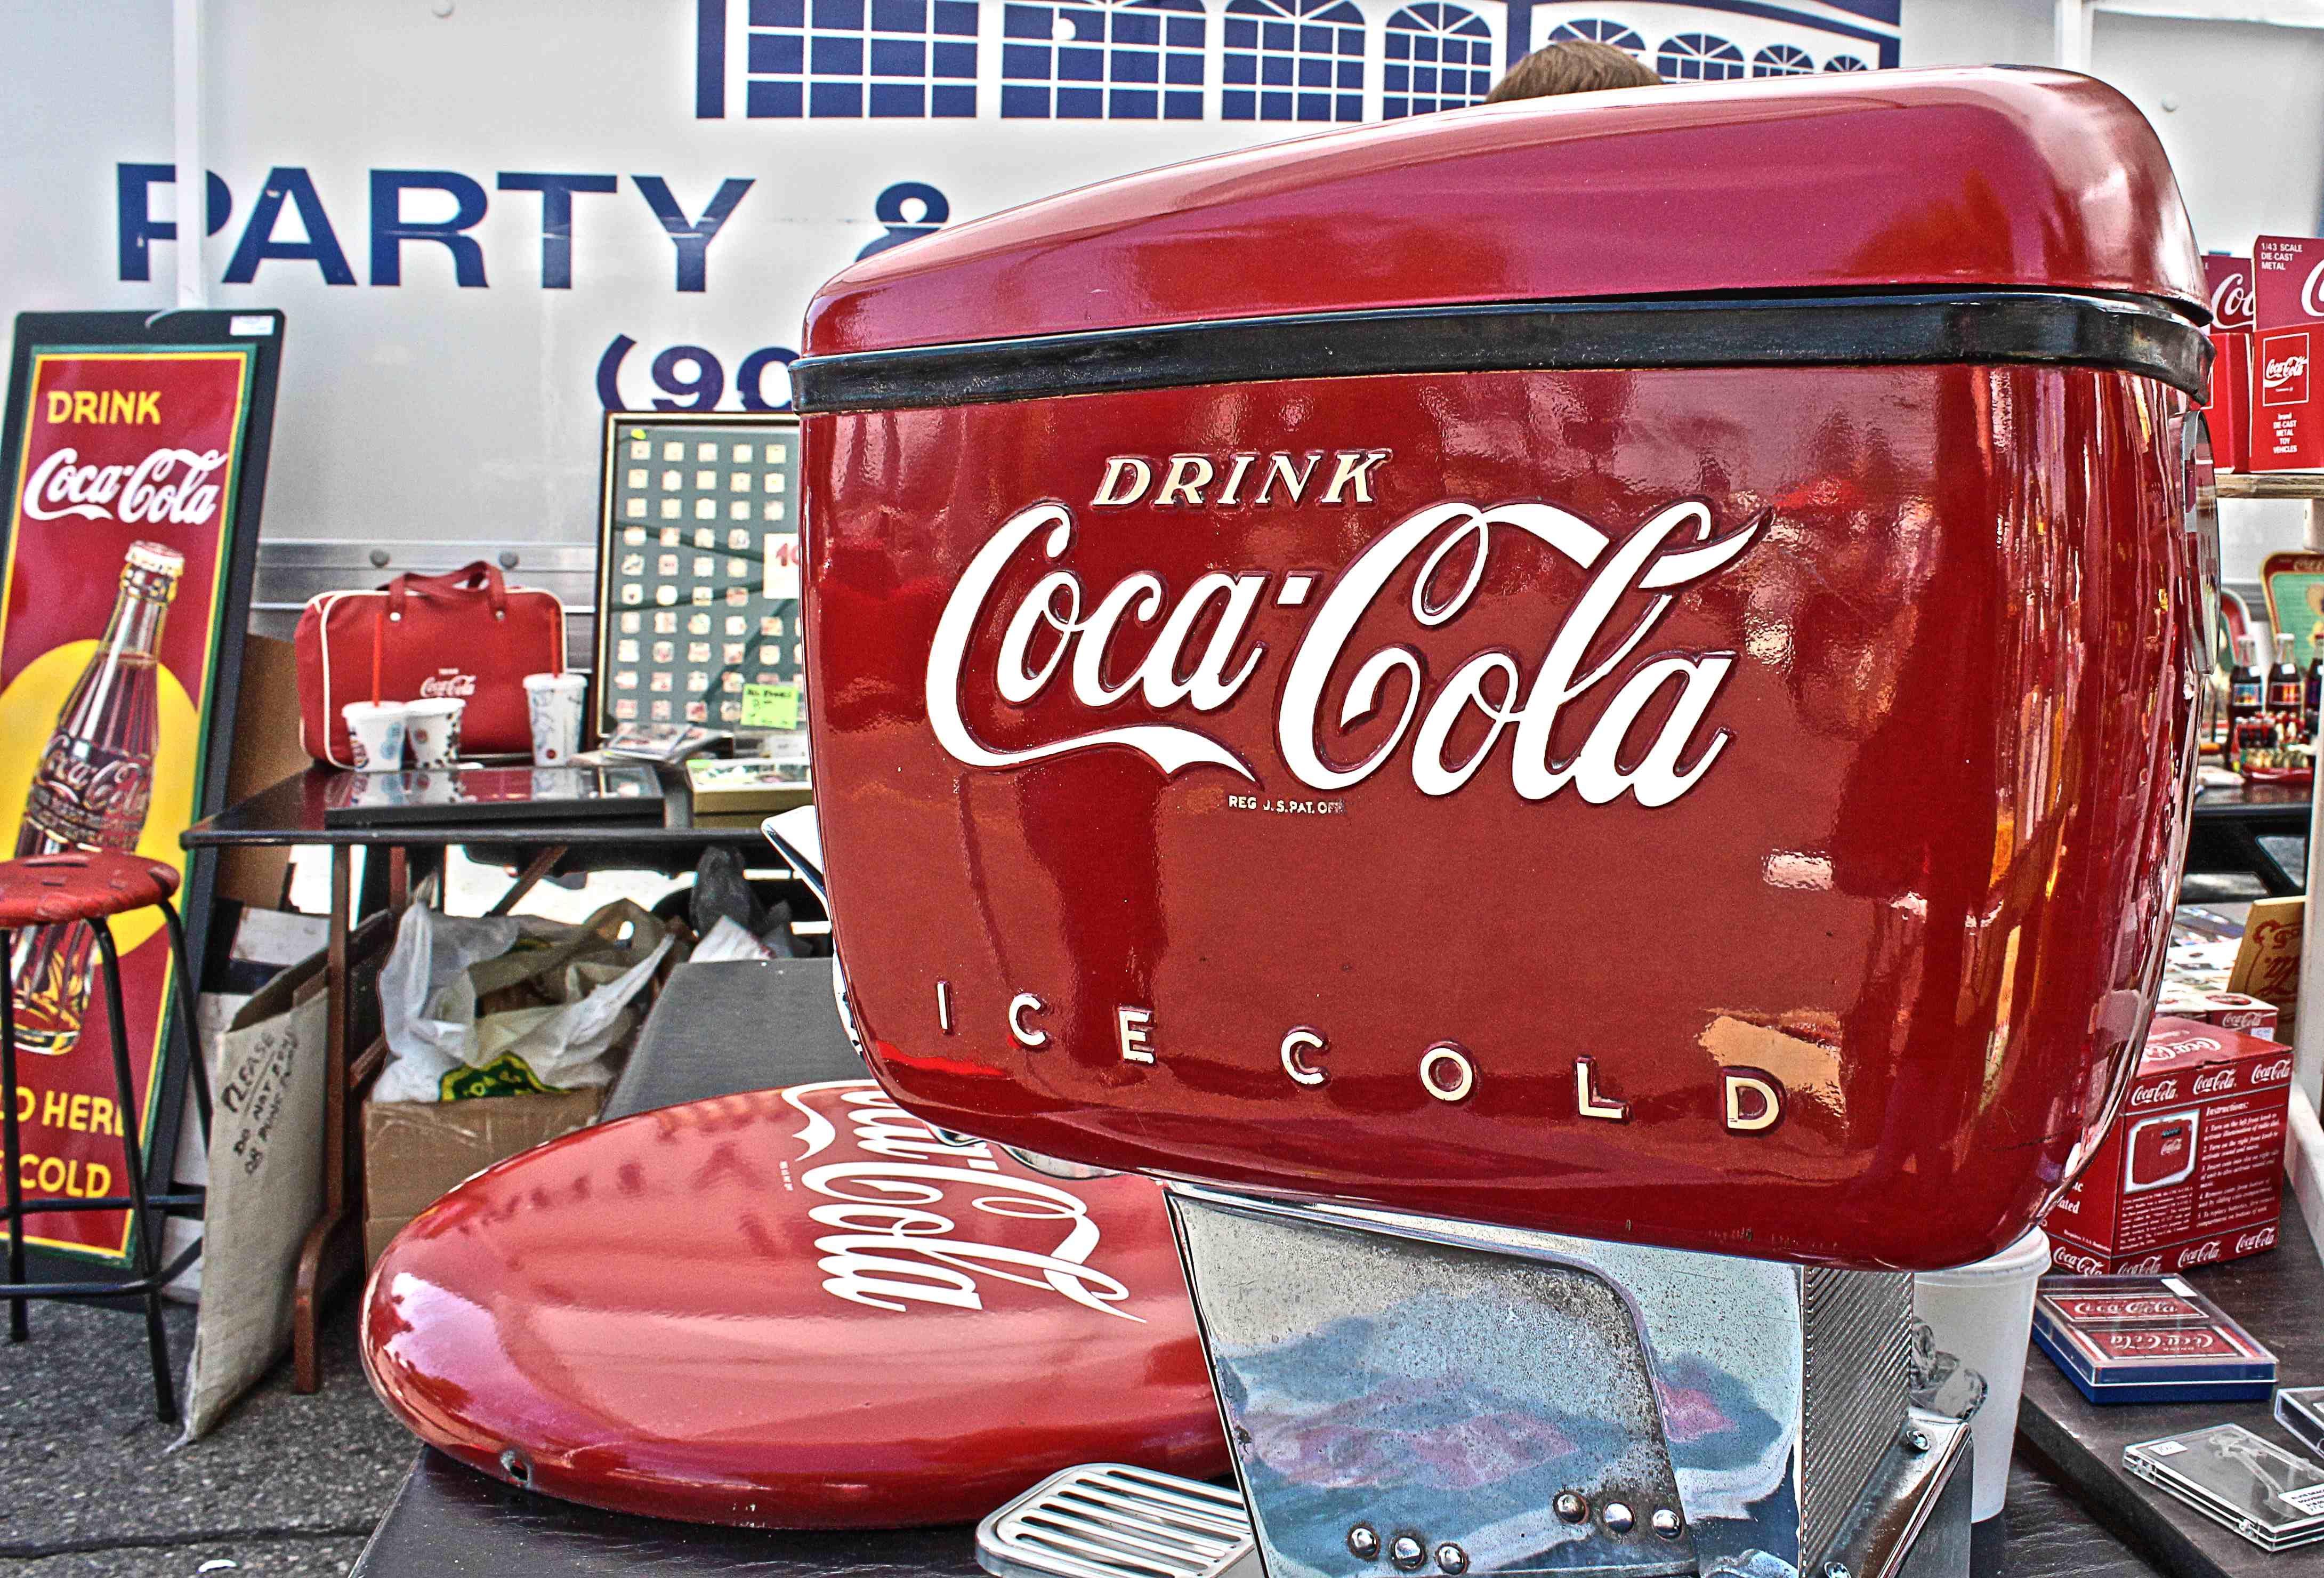 Coca Cola Kühlschrank Retro : Pic of a vintage coca cola dispenser i took at a memorabilia show in